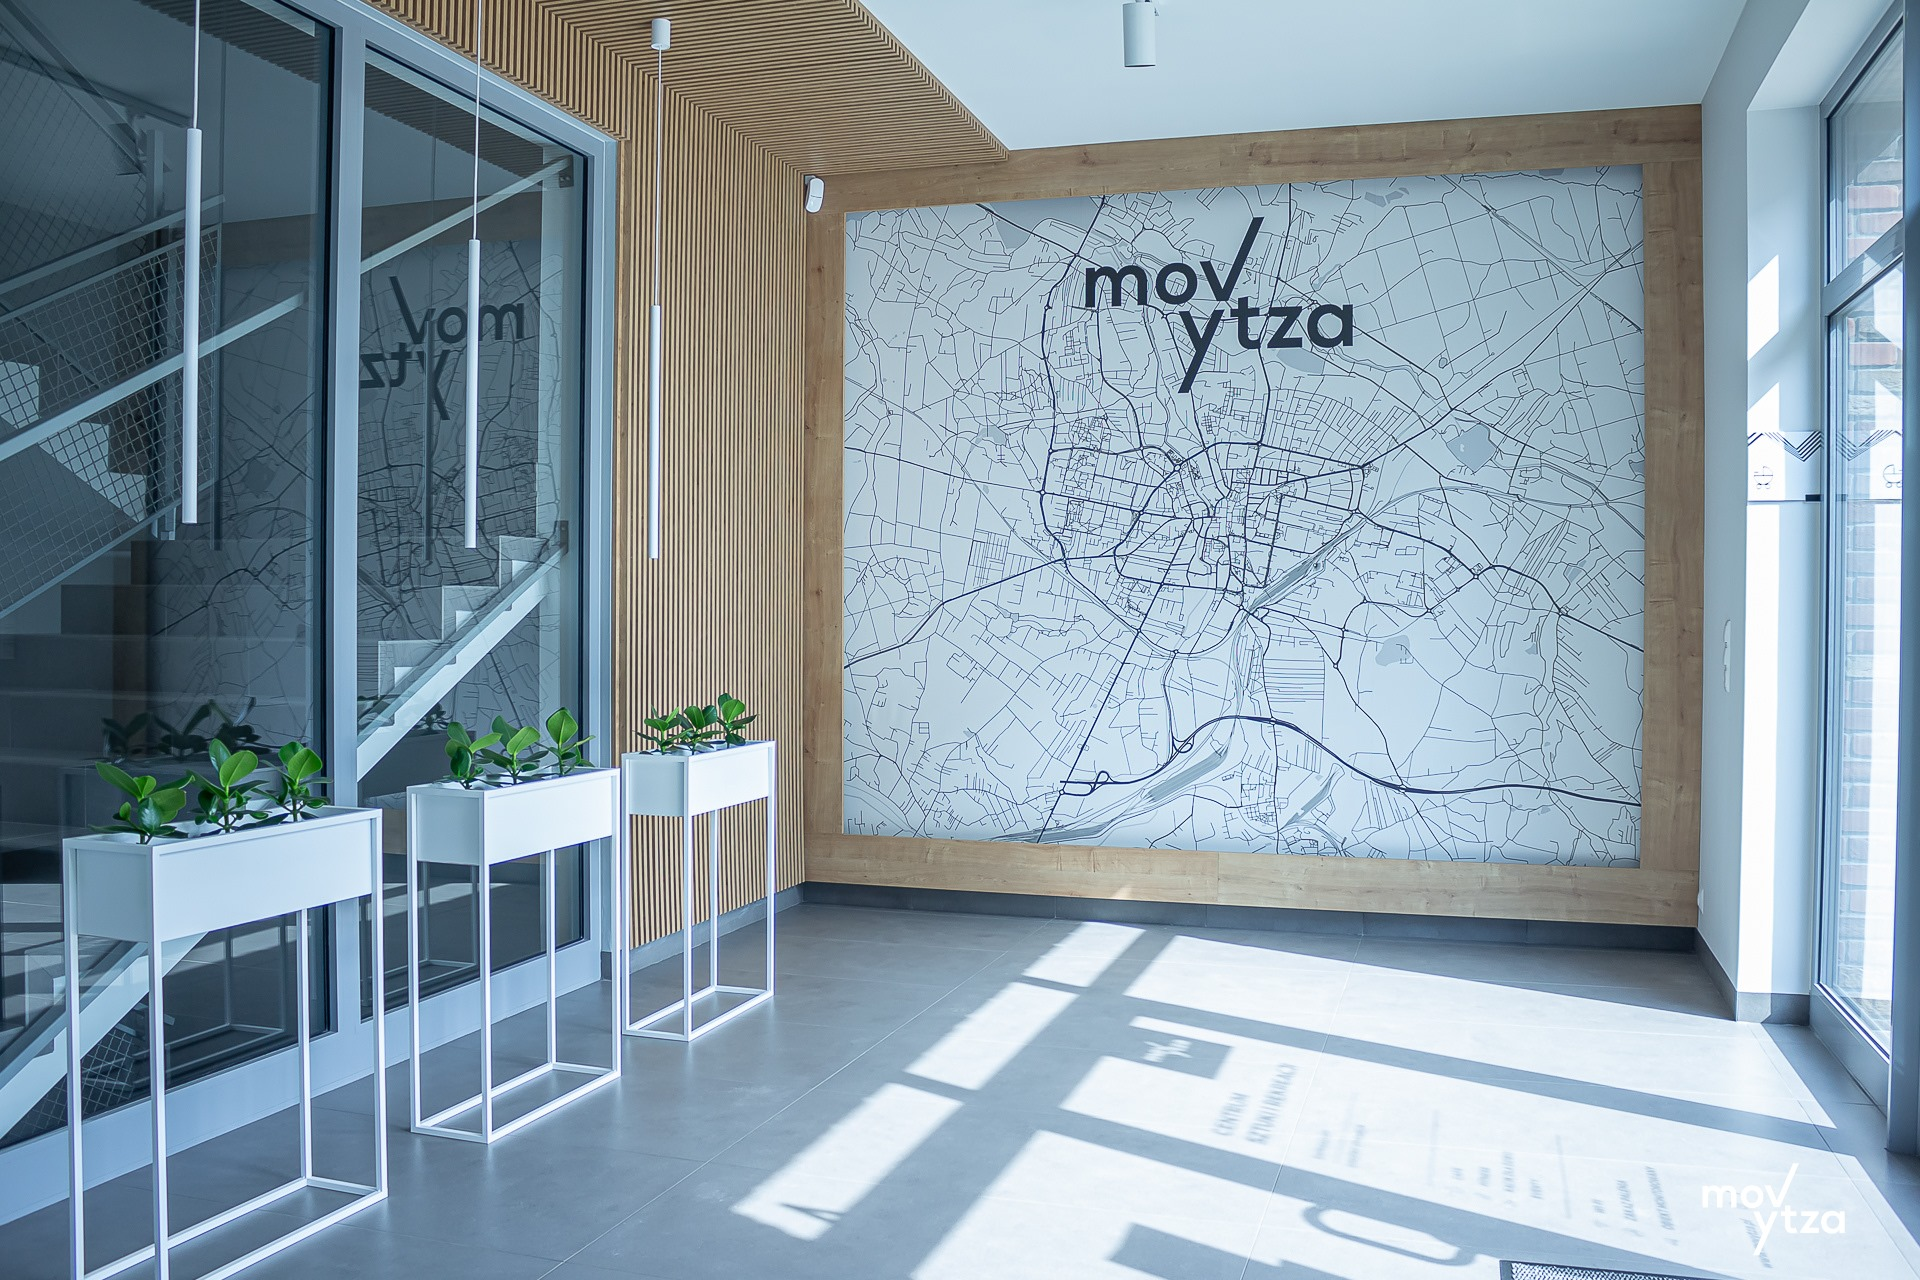 Przedsionek w Centrum Sztuki i Rekreacji MOVYTZA w Rybniku przedstawiający mapę Rybnika z logo MOVYTZA